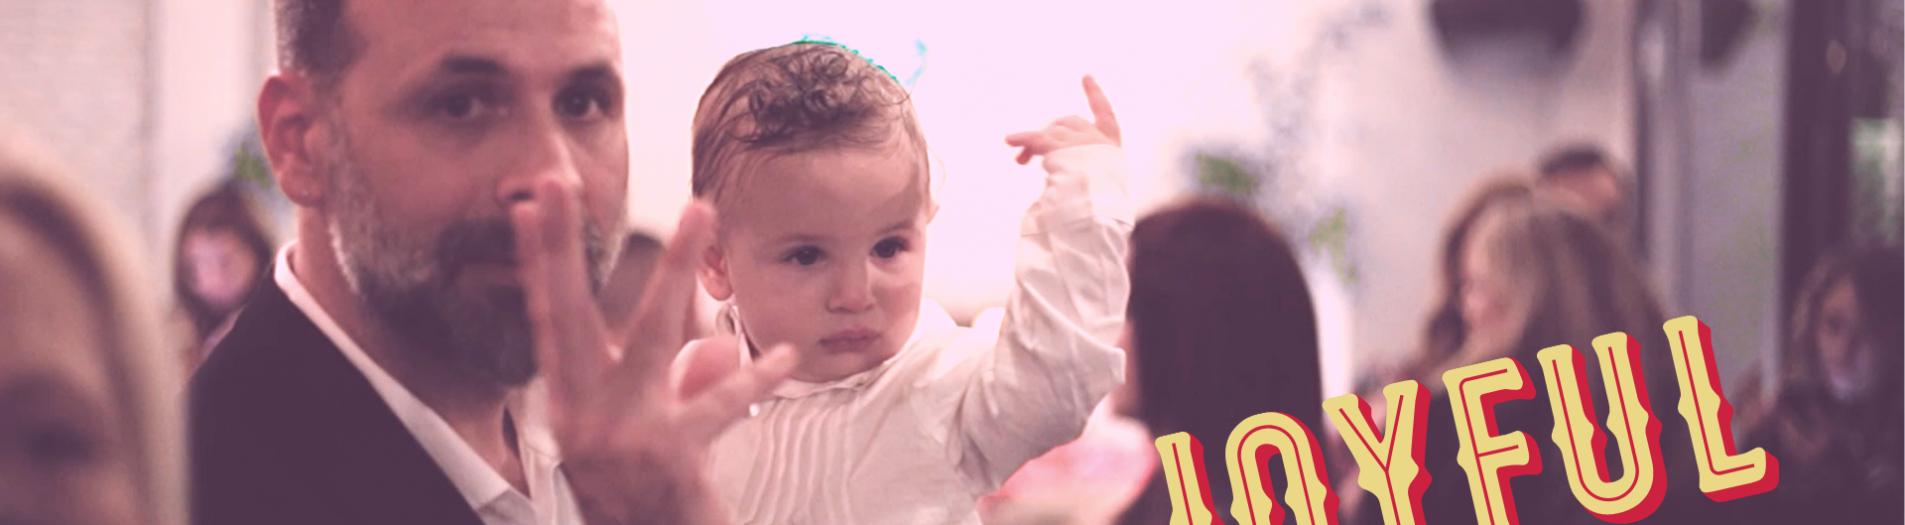 Ίωνας - Βίντεο βάπτισης στο 48 Urban Garden